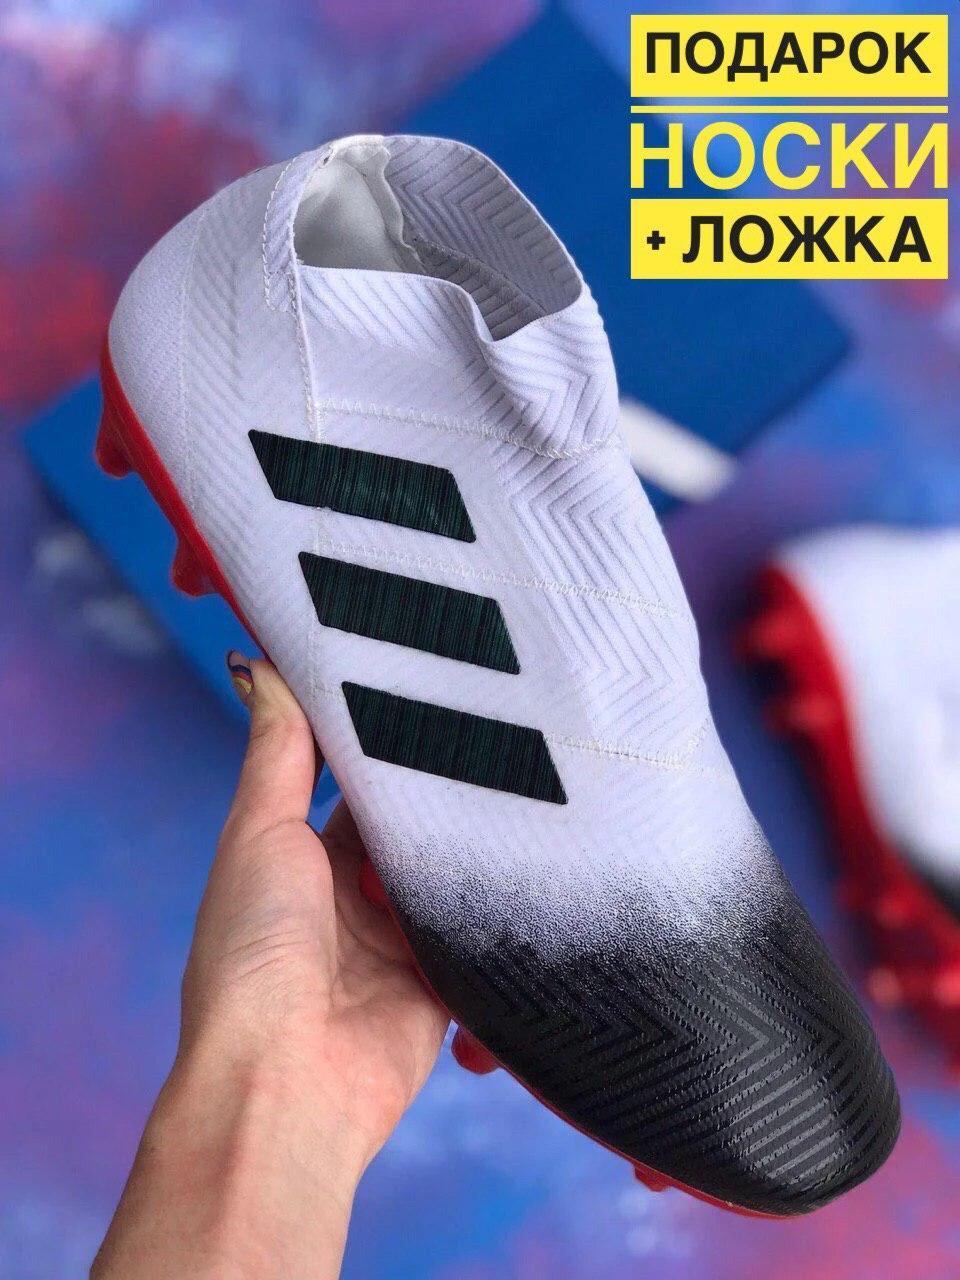 Бутси Adidas Nemeziz Messi/адідас мессі/ немезіс(репліка)